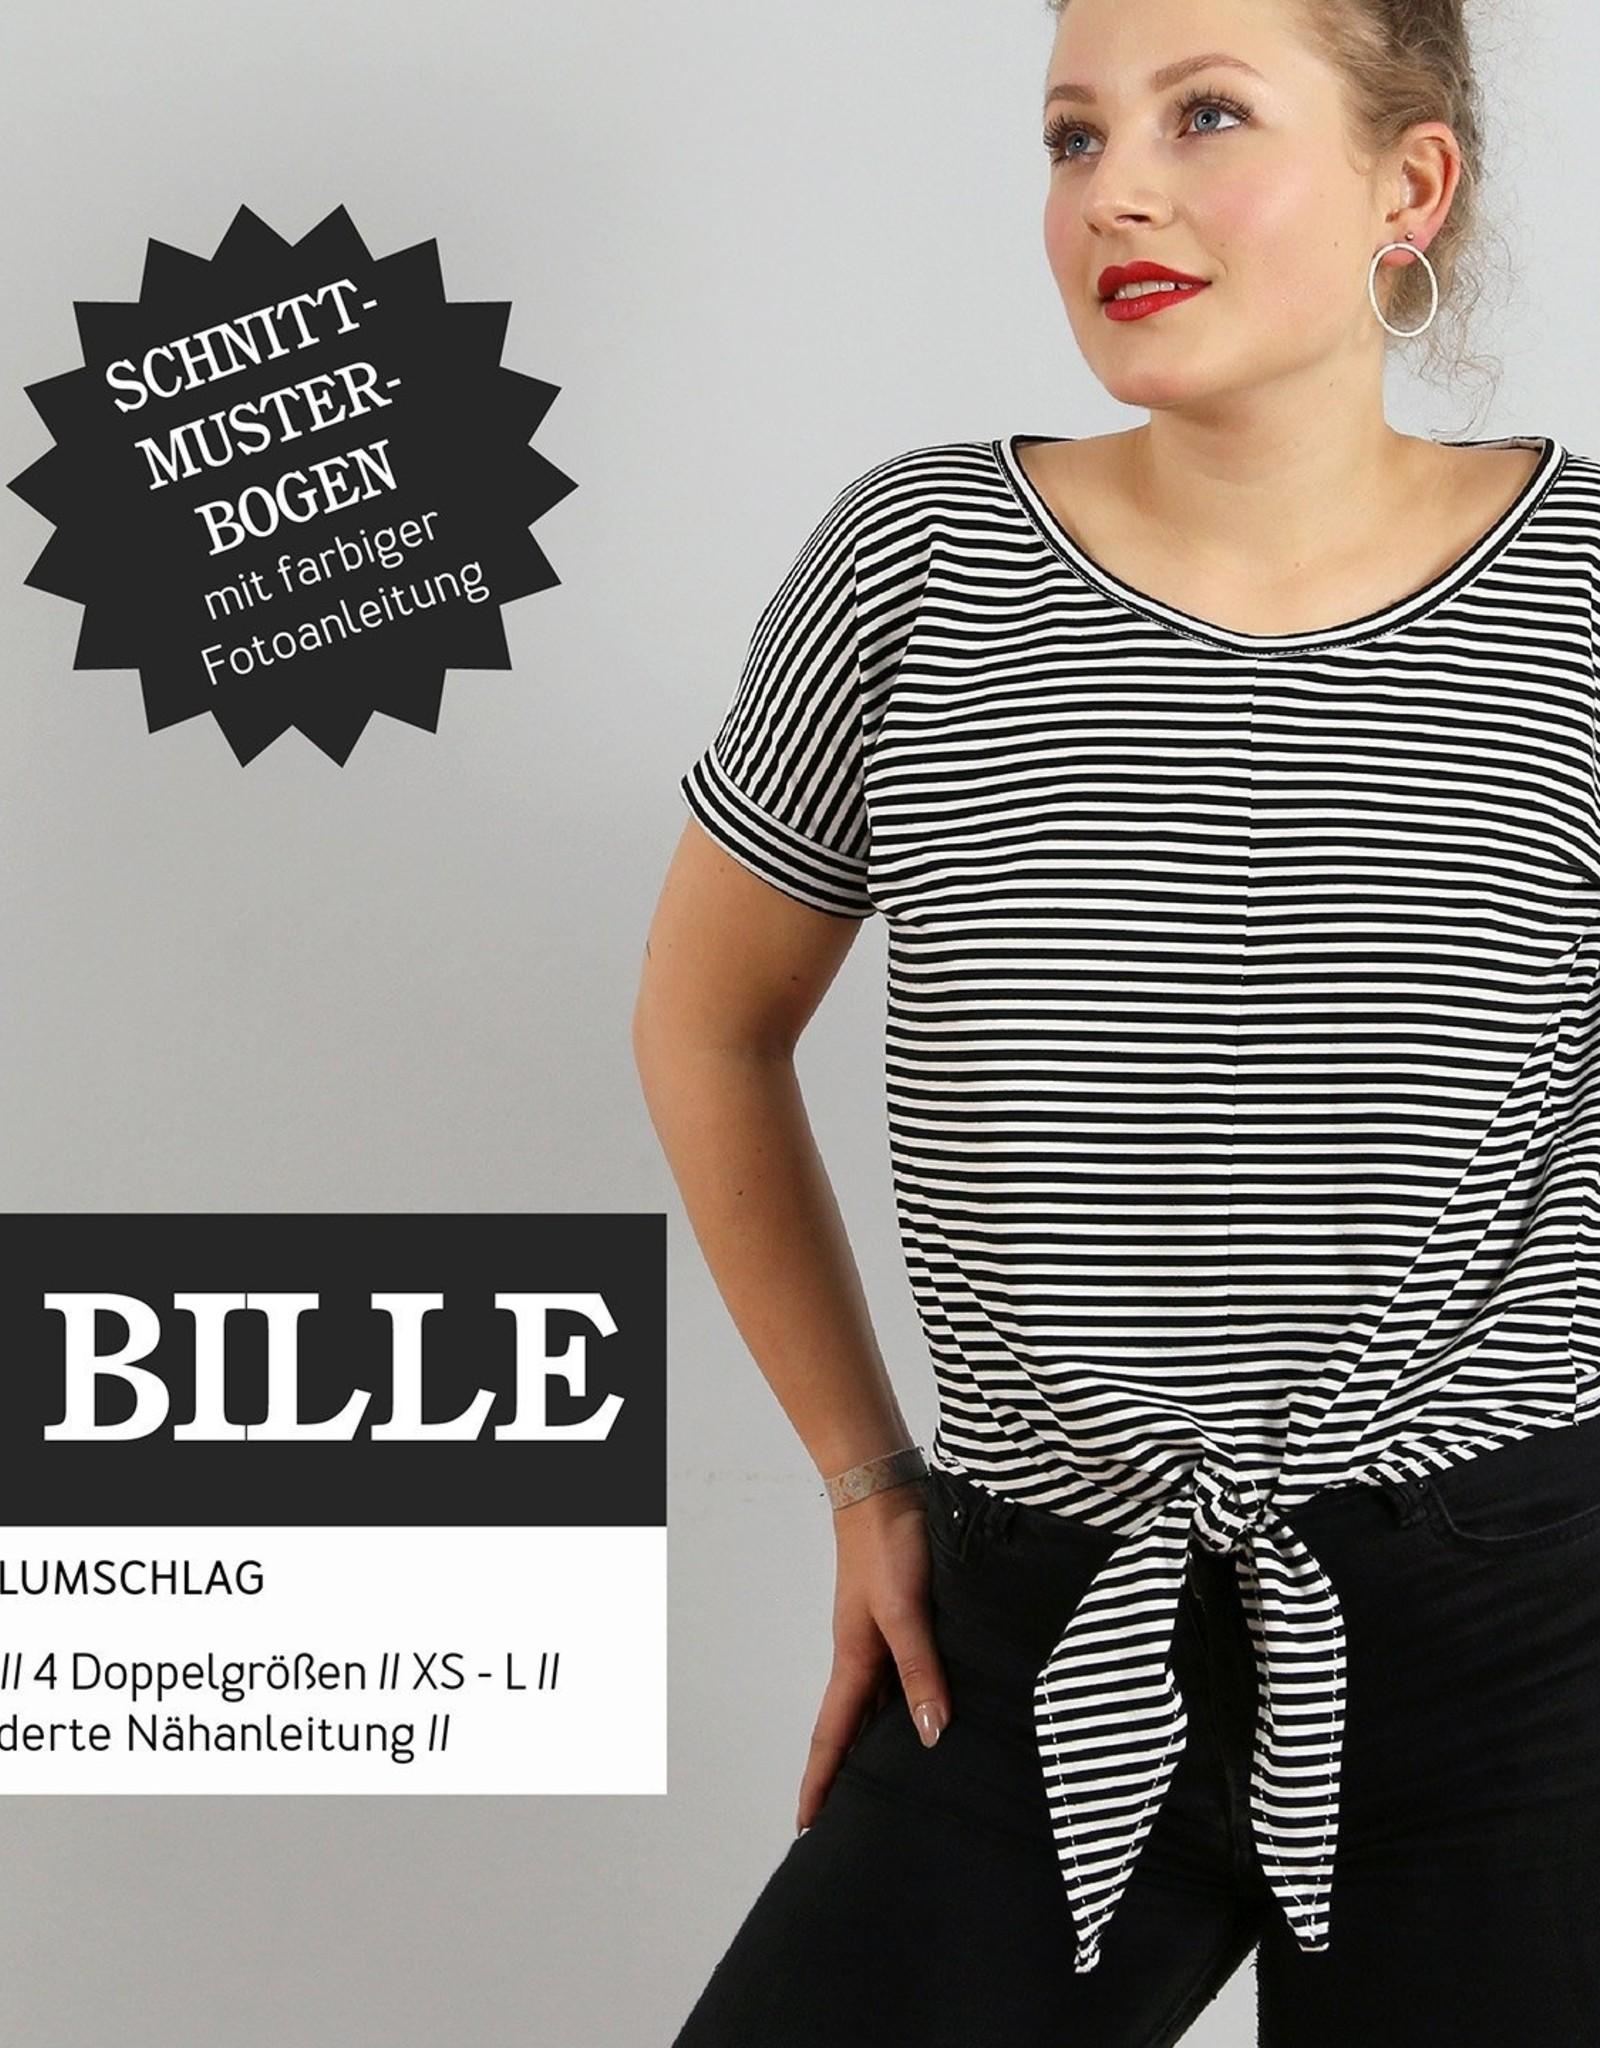 Frau Bille